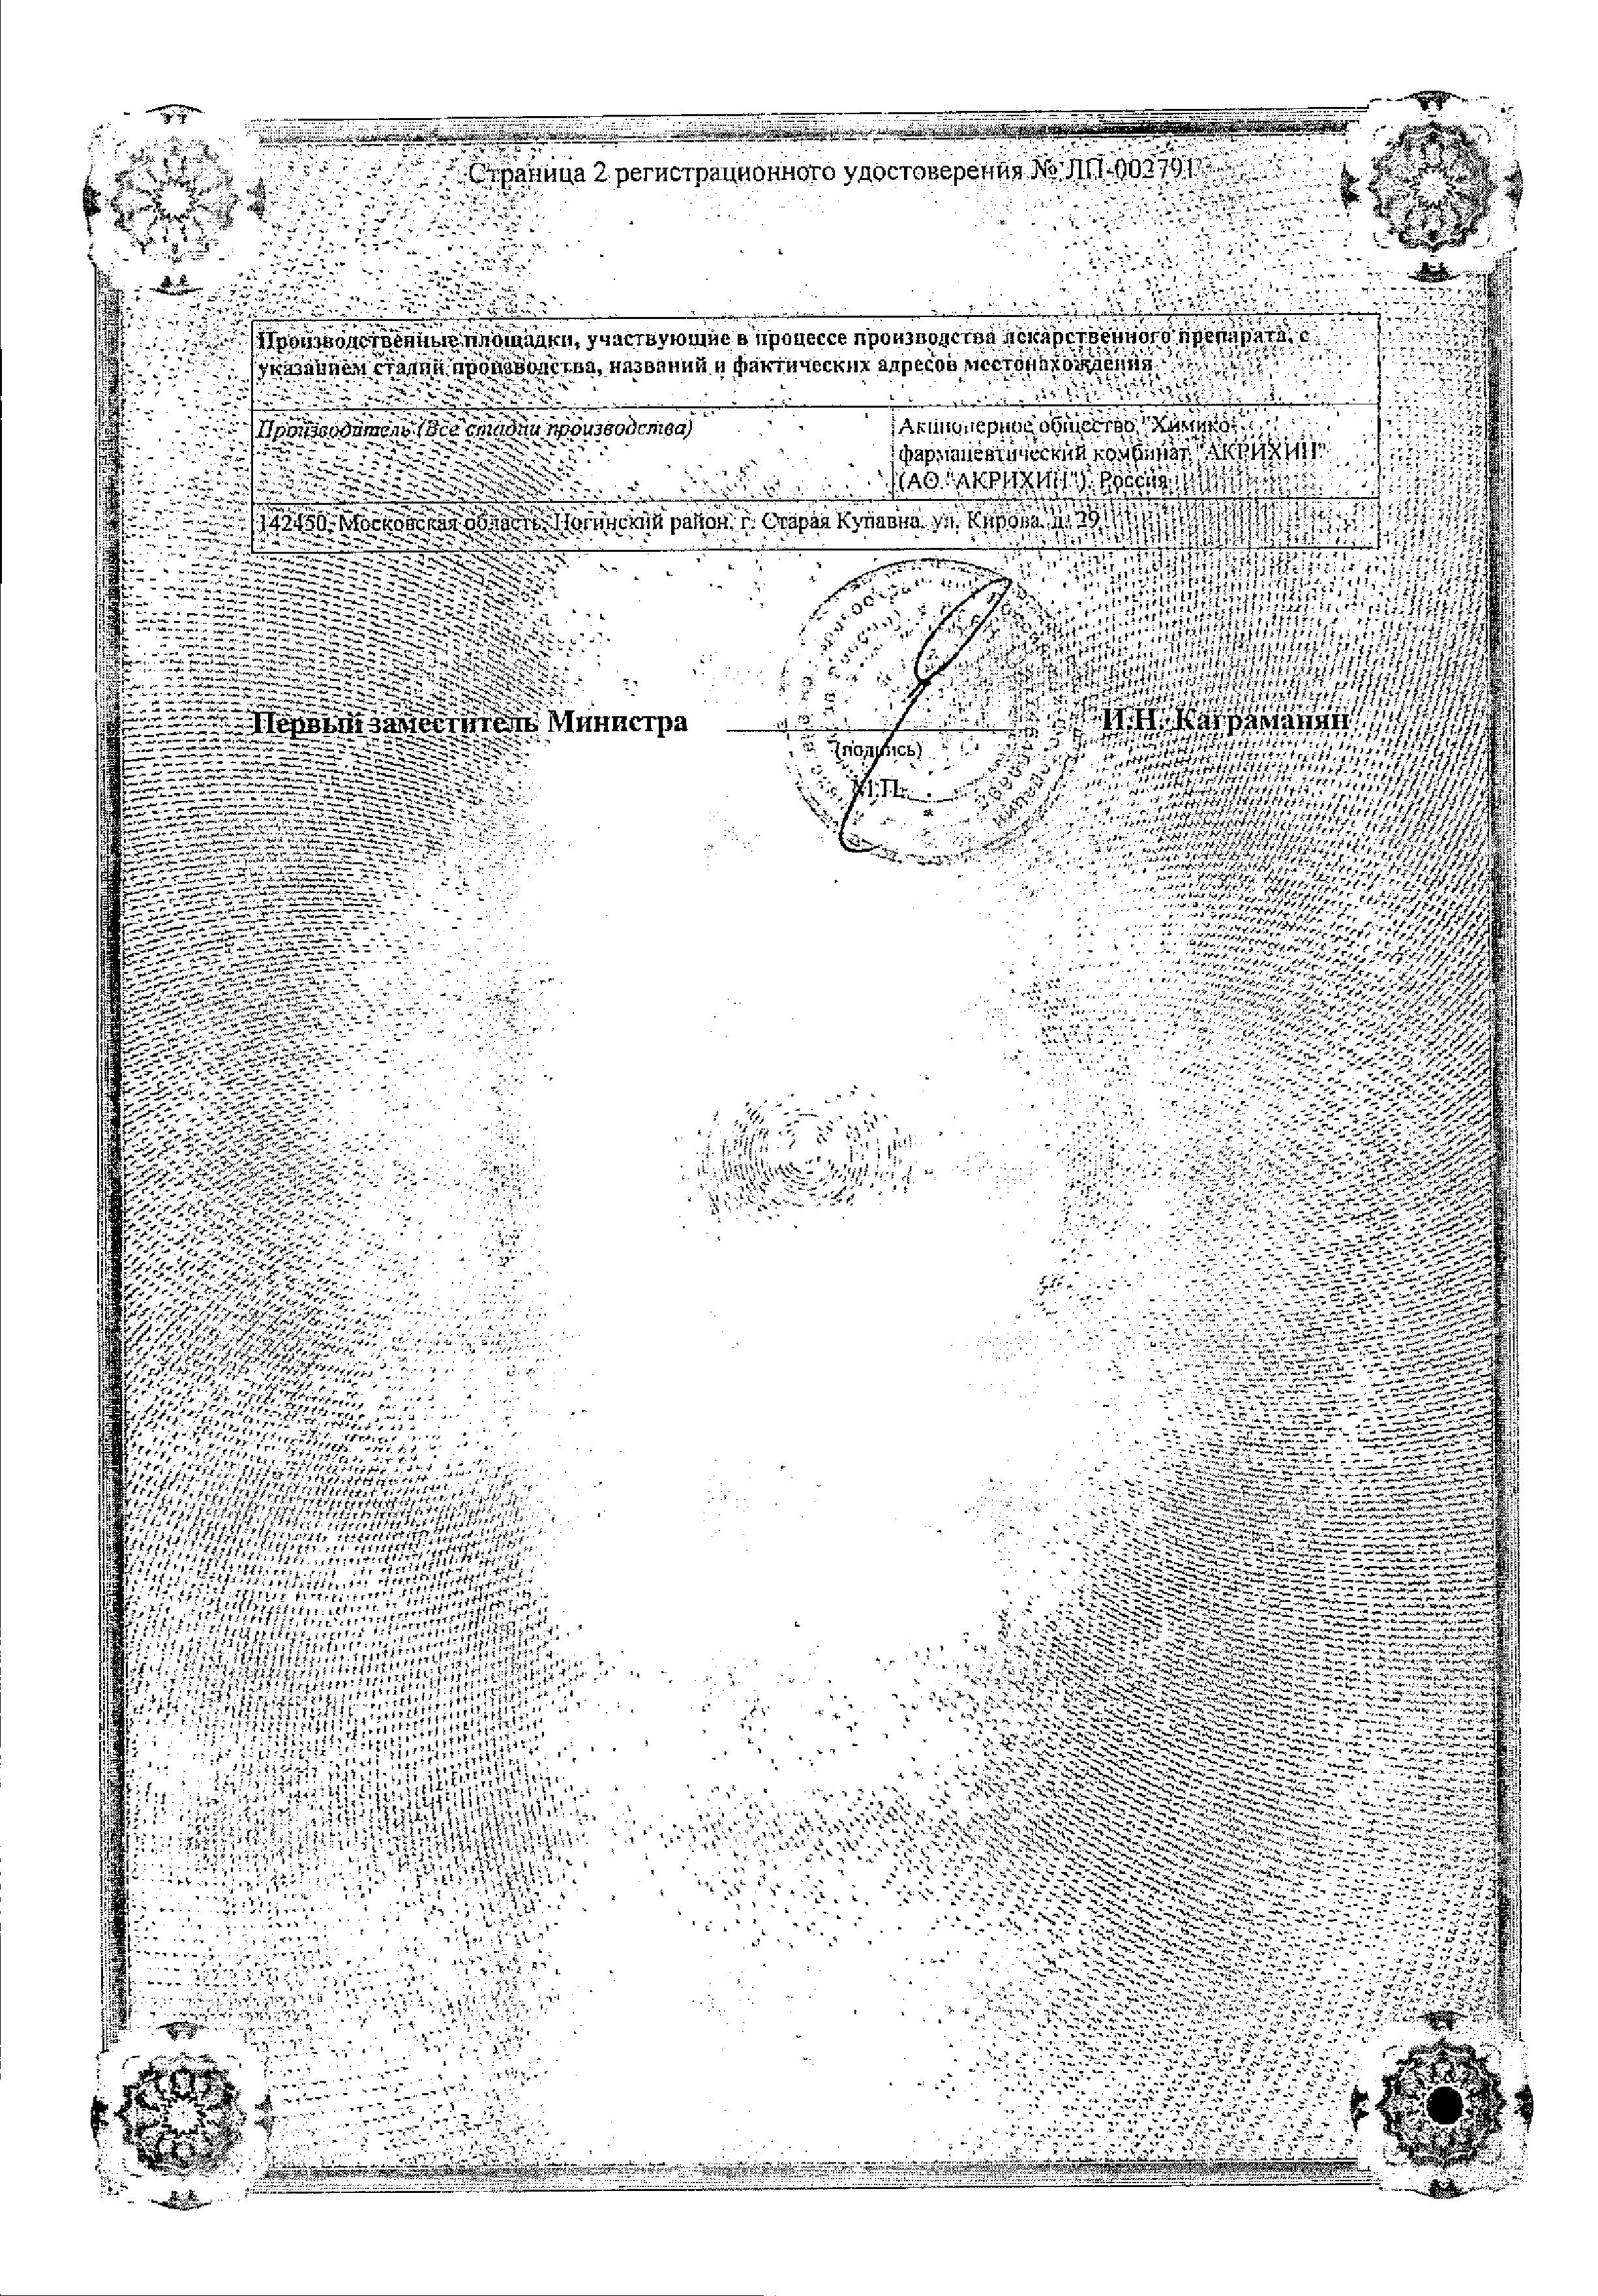 Рамиприл сертификат